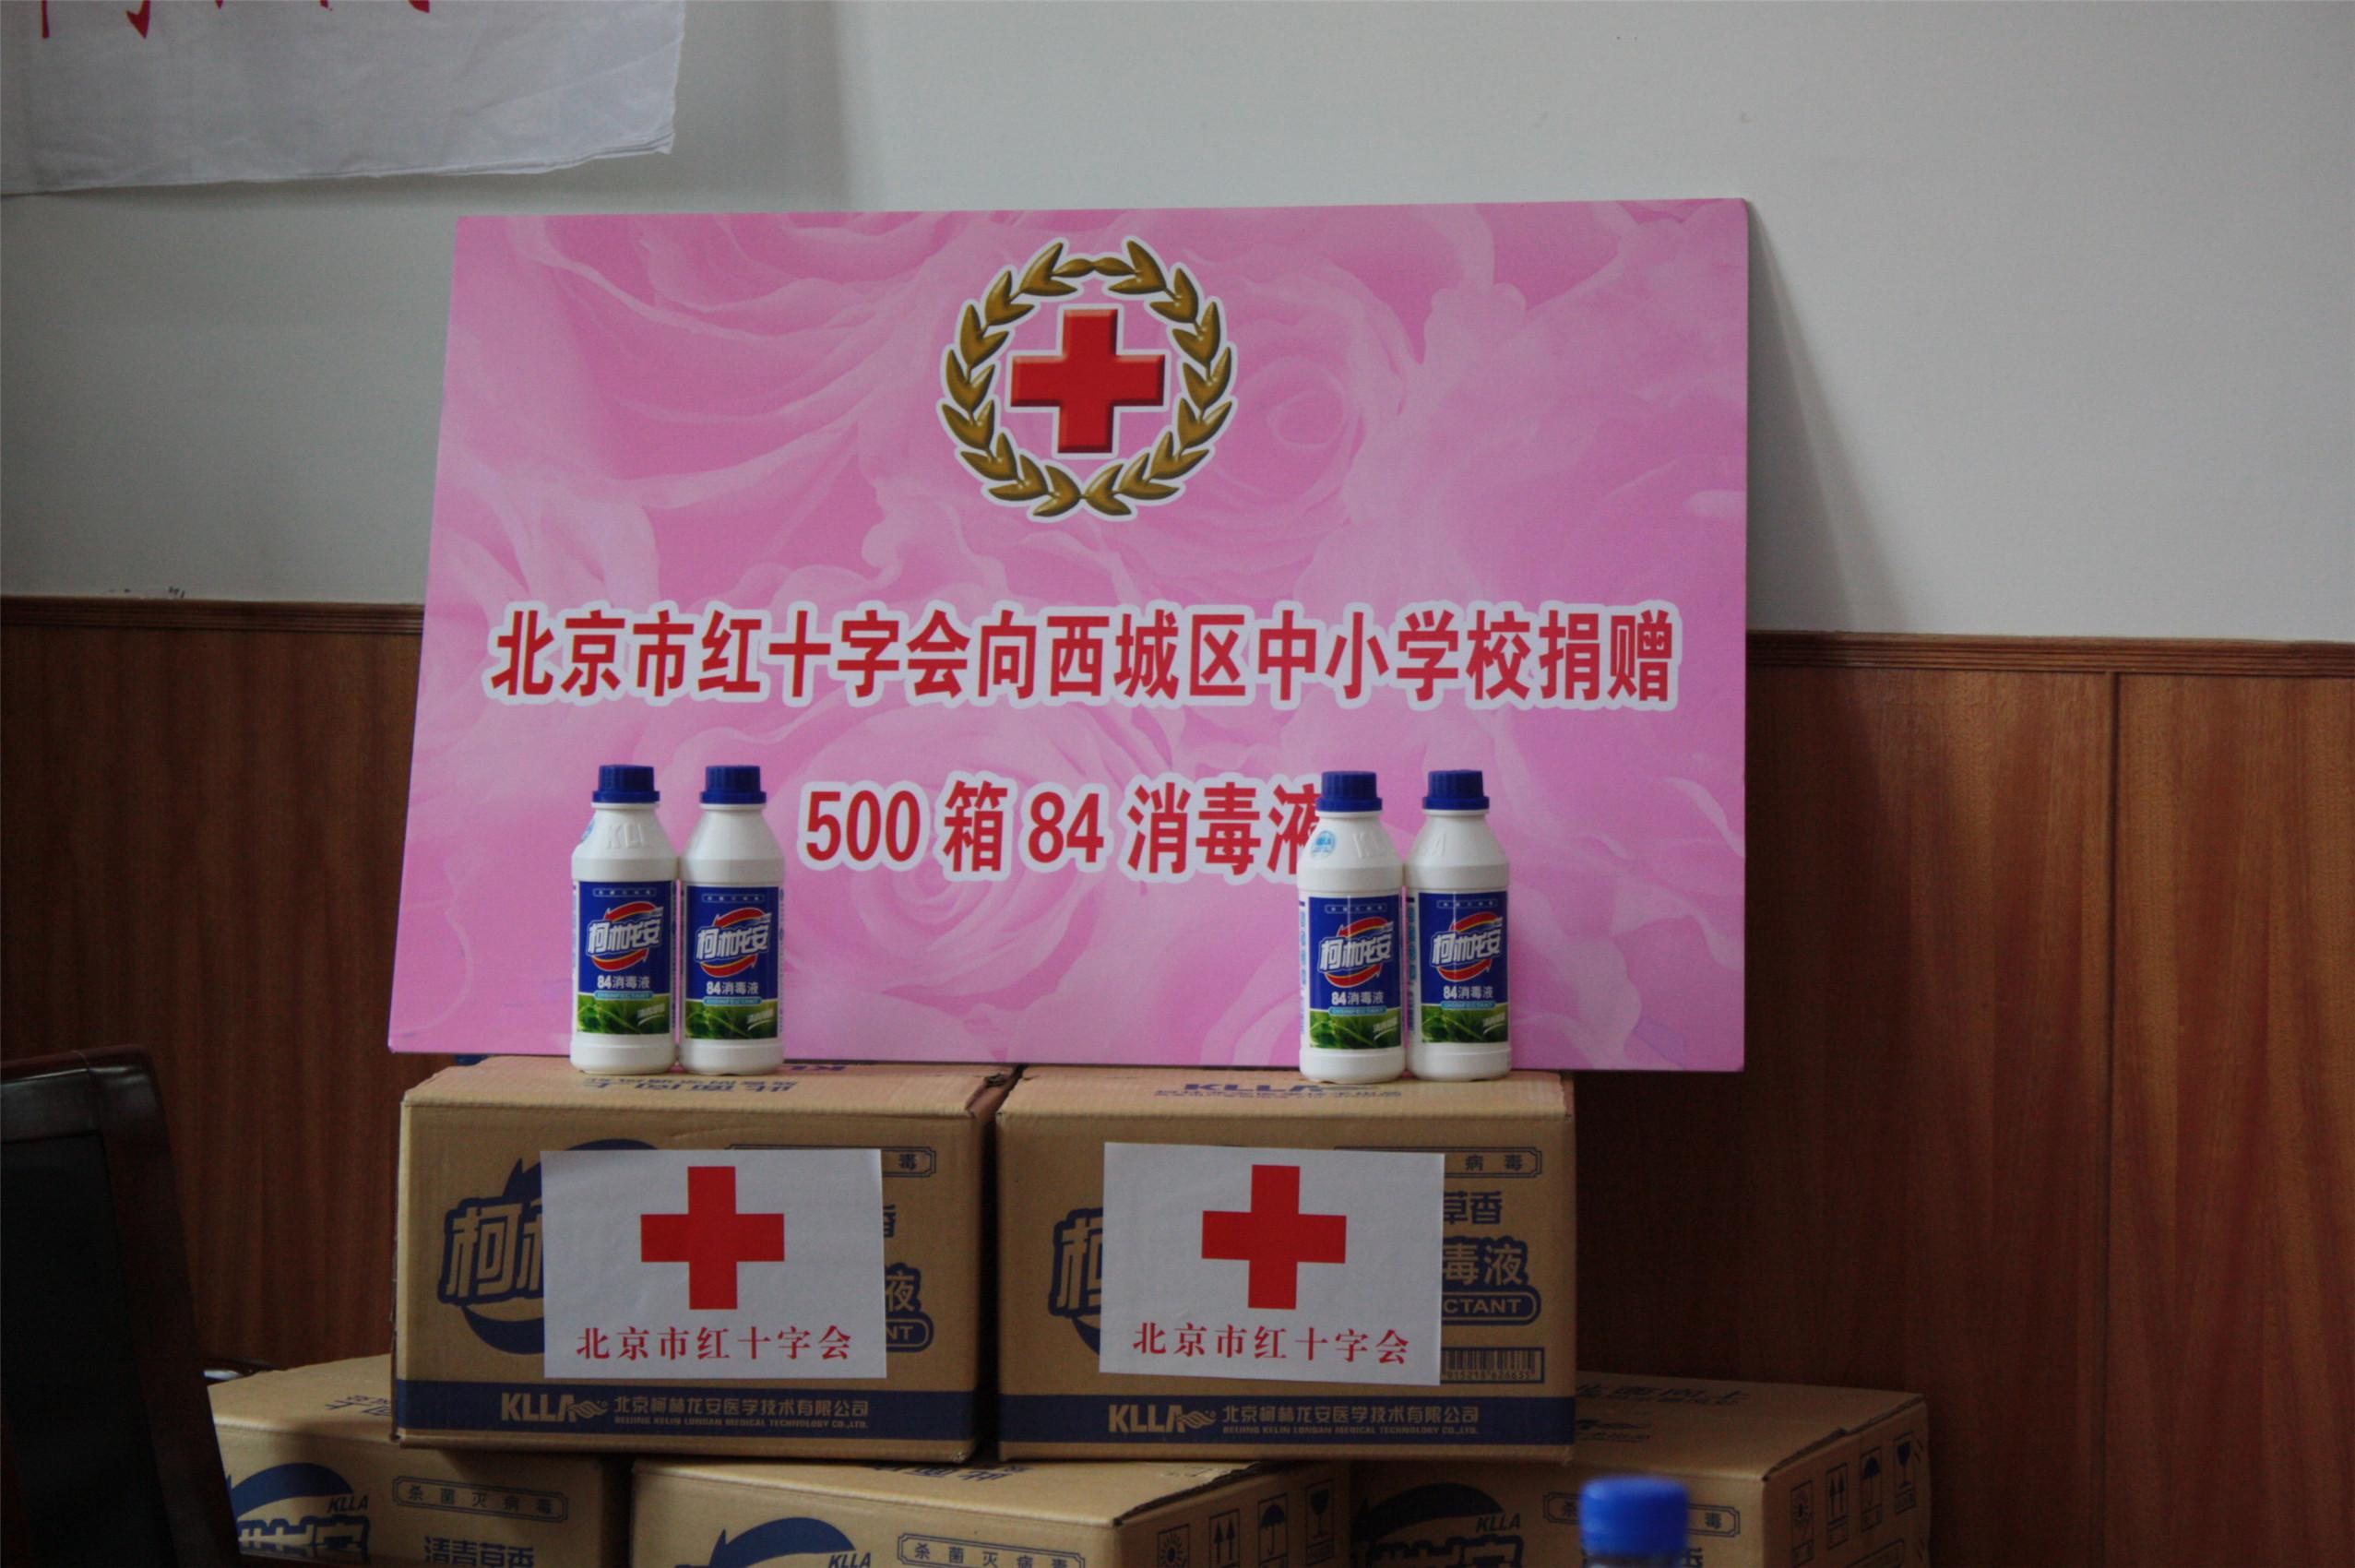 2009年9月10日,甲型流感期间,北京市红十字会向西城区中小学生赠送消毒液。(西城区红十字会供图)